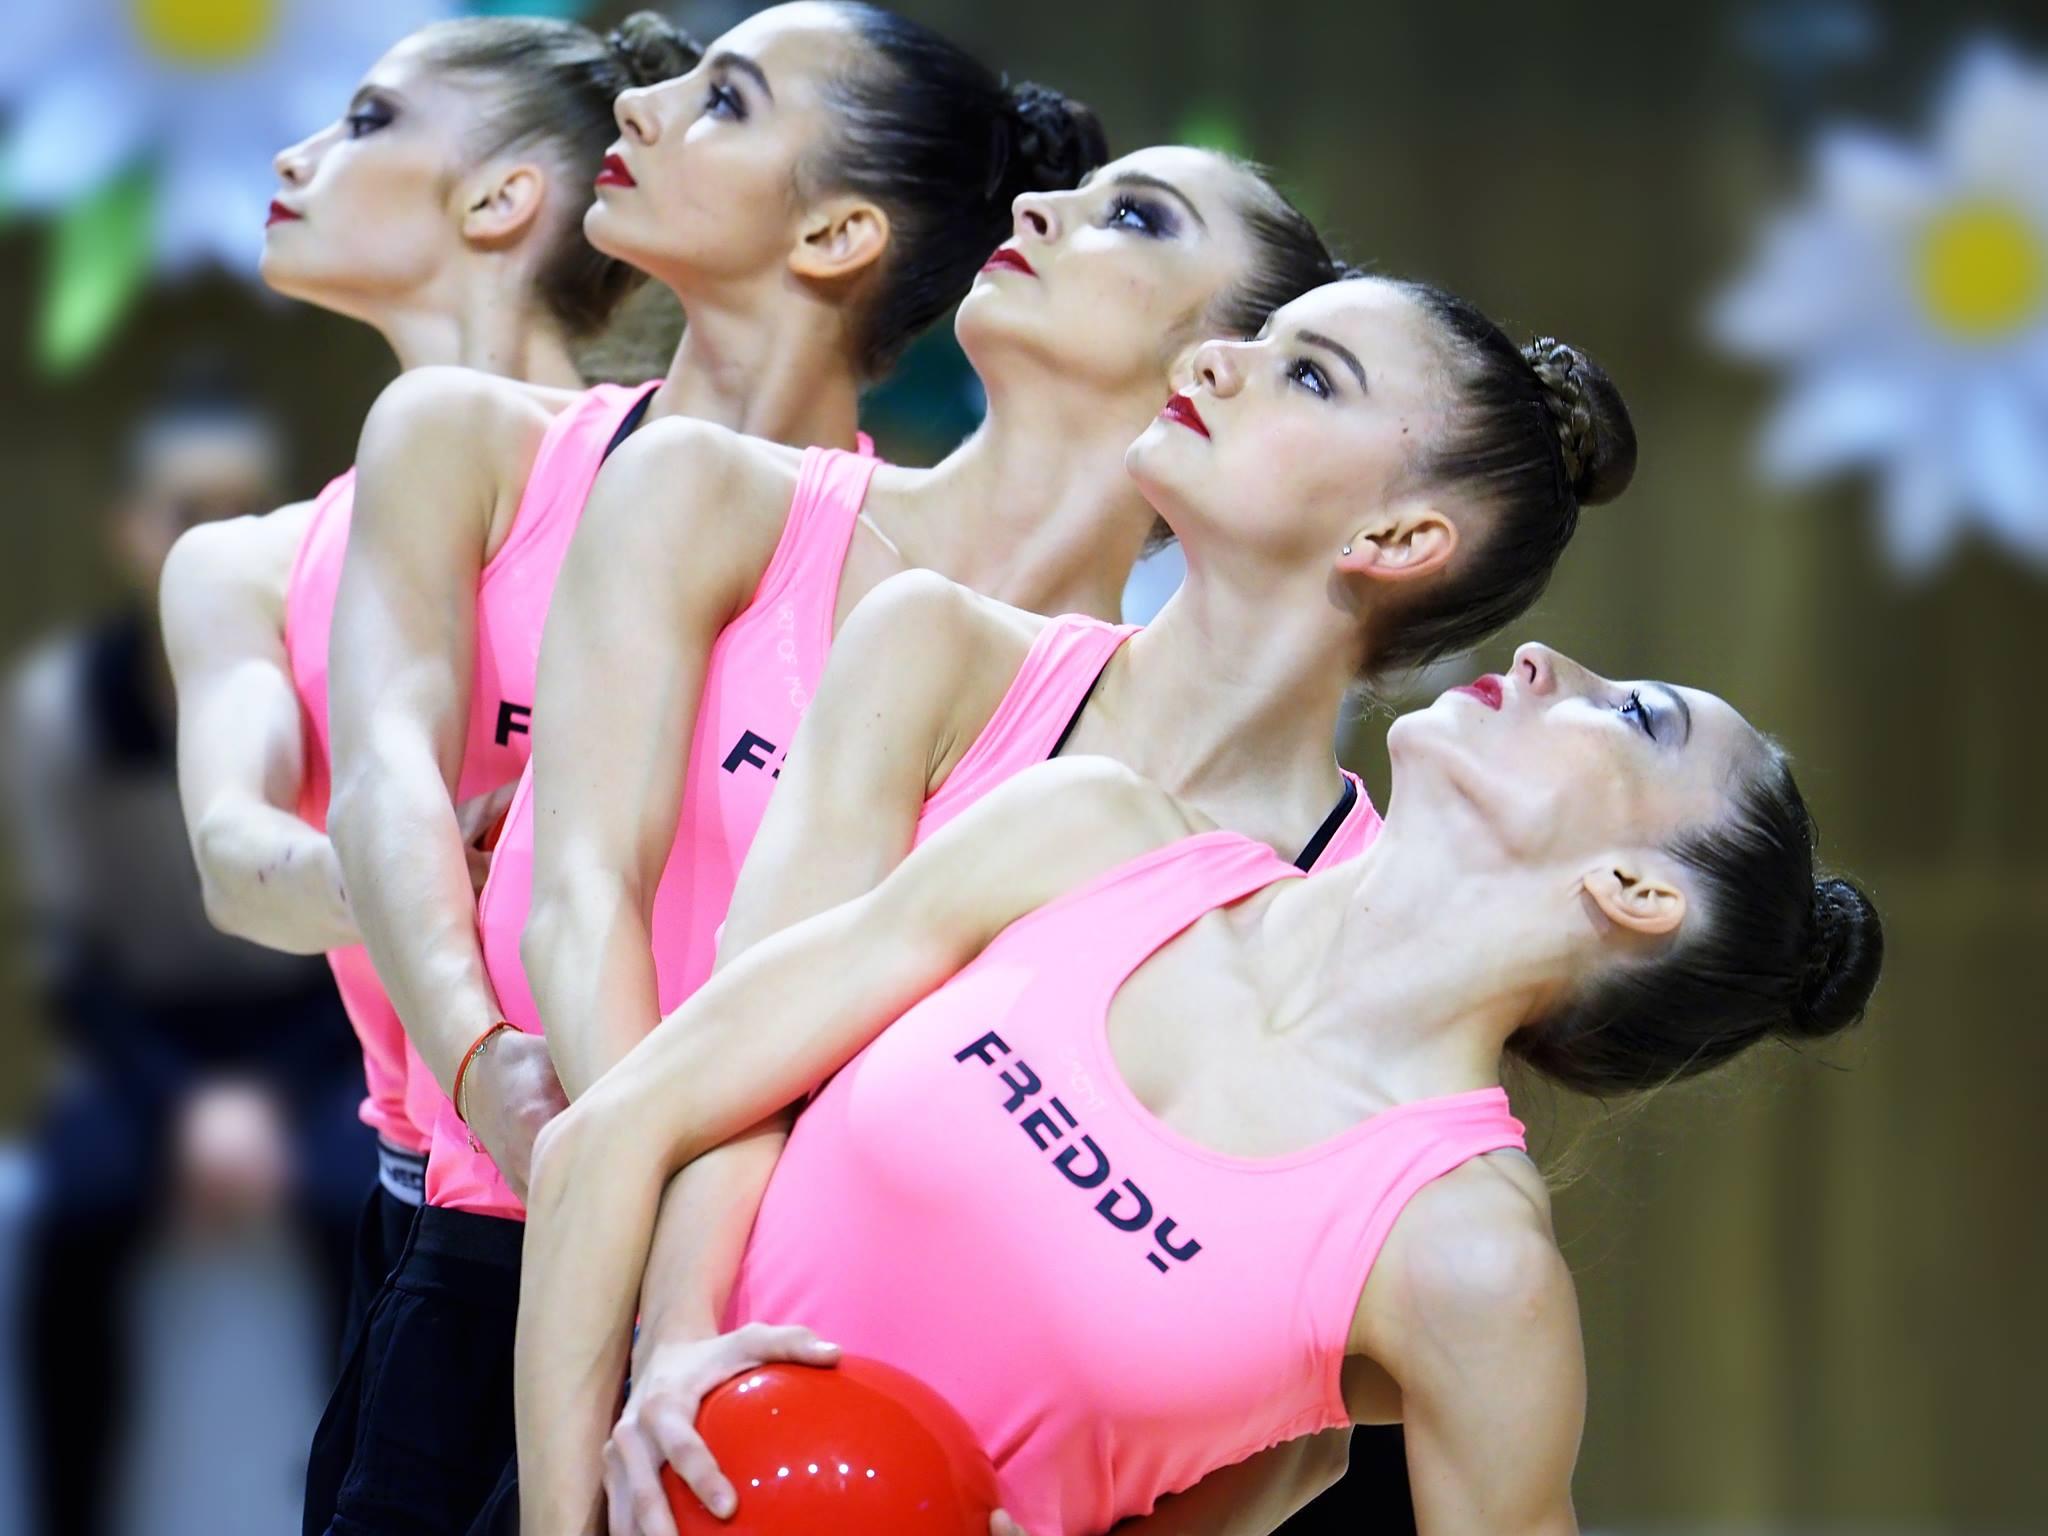 """Ансамбъл жени ще представи композициите си на ДП """"Жулиета Шишманова"""" (ПРОГРАМА И СТАРТОВИ СПИСЪЦИ)"""